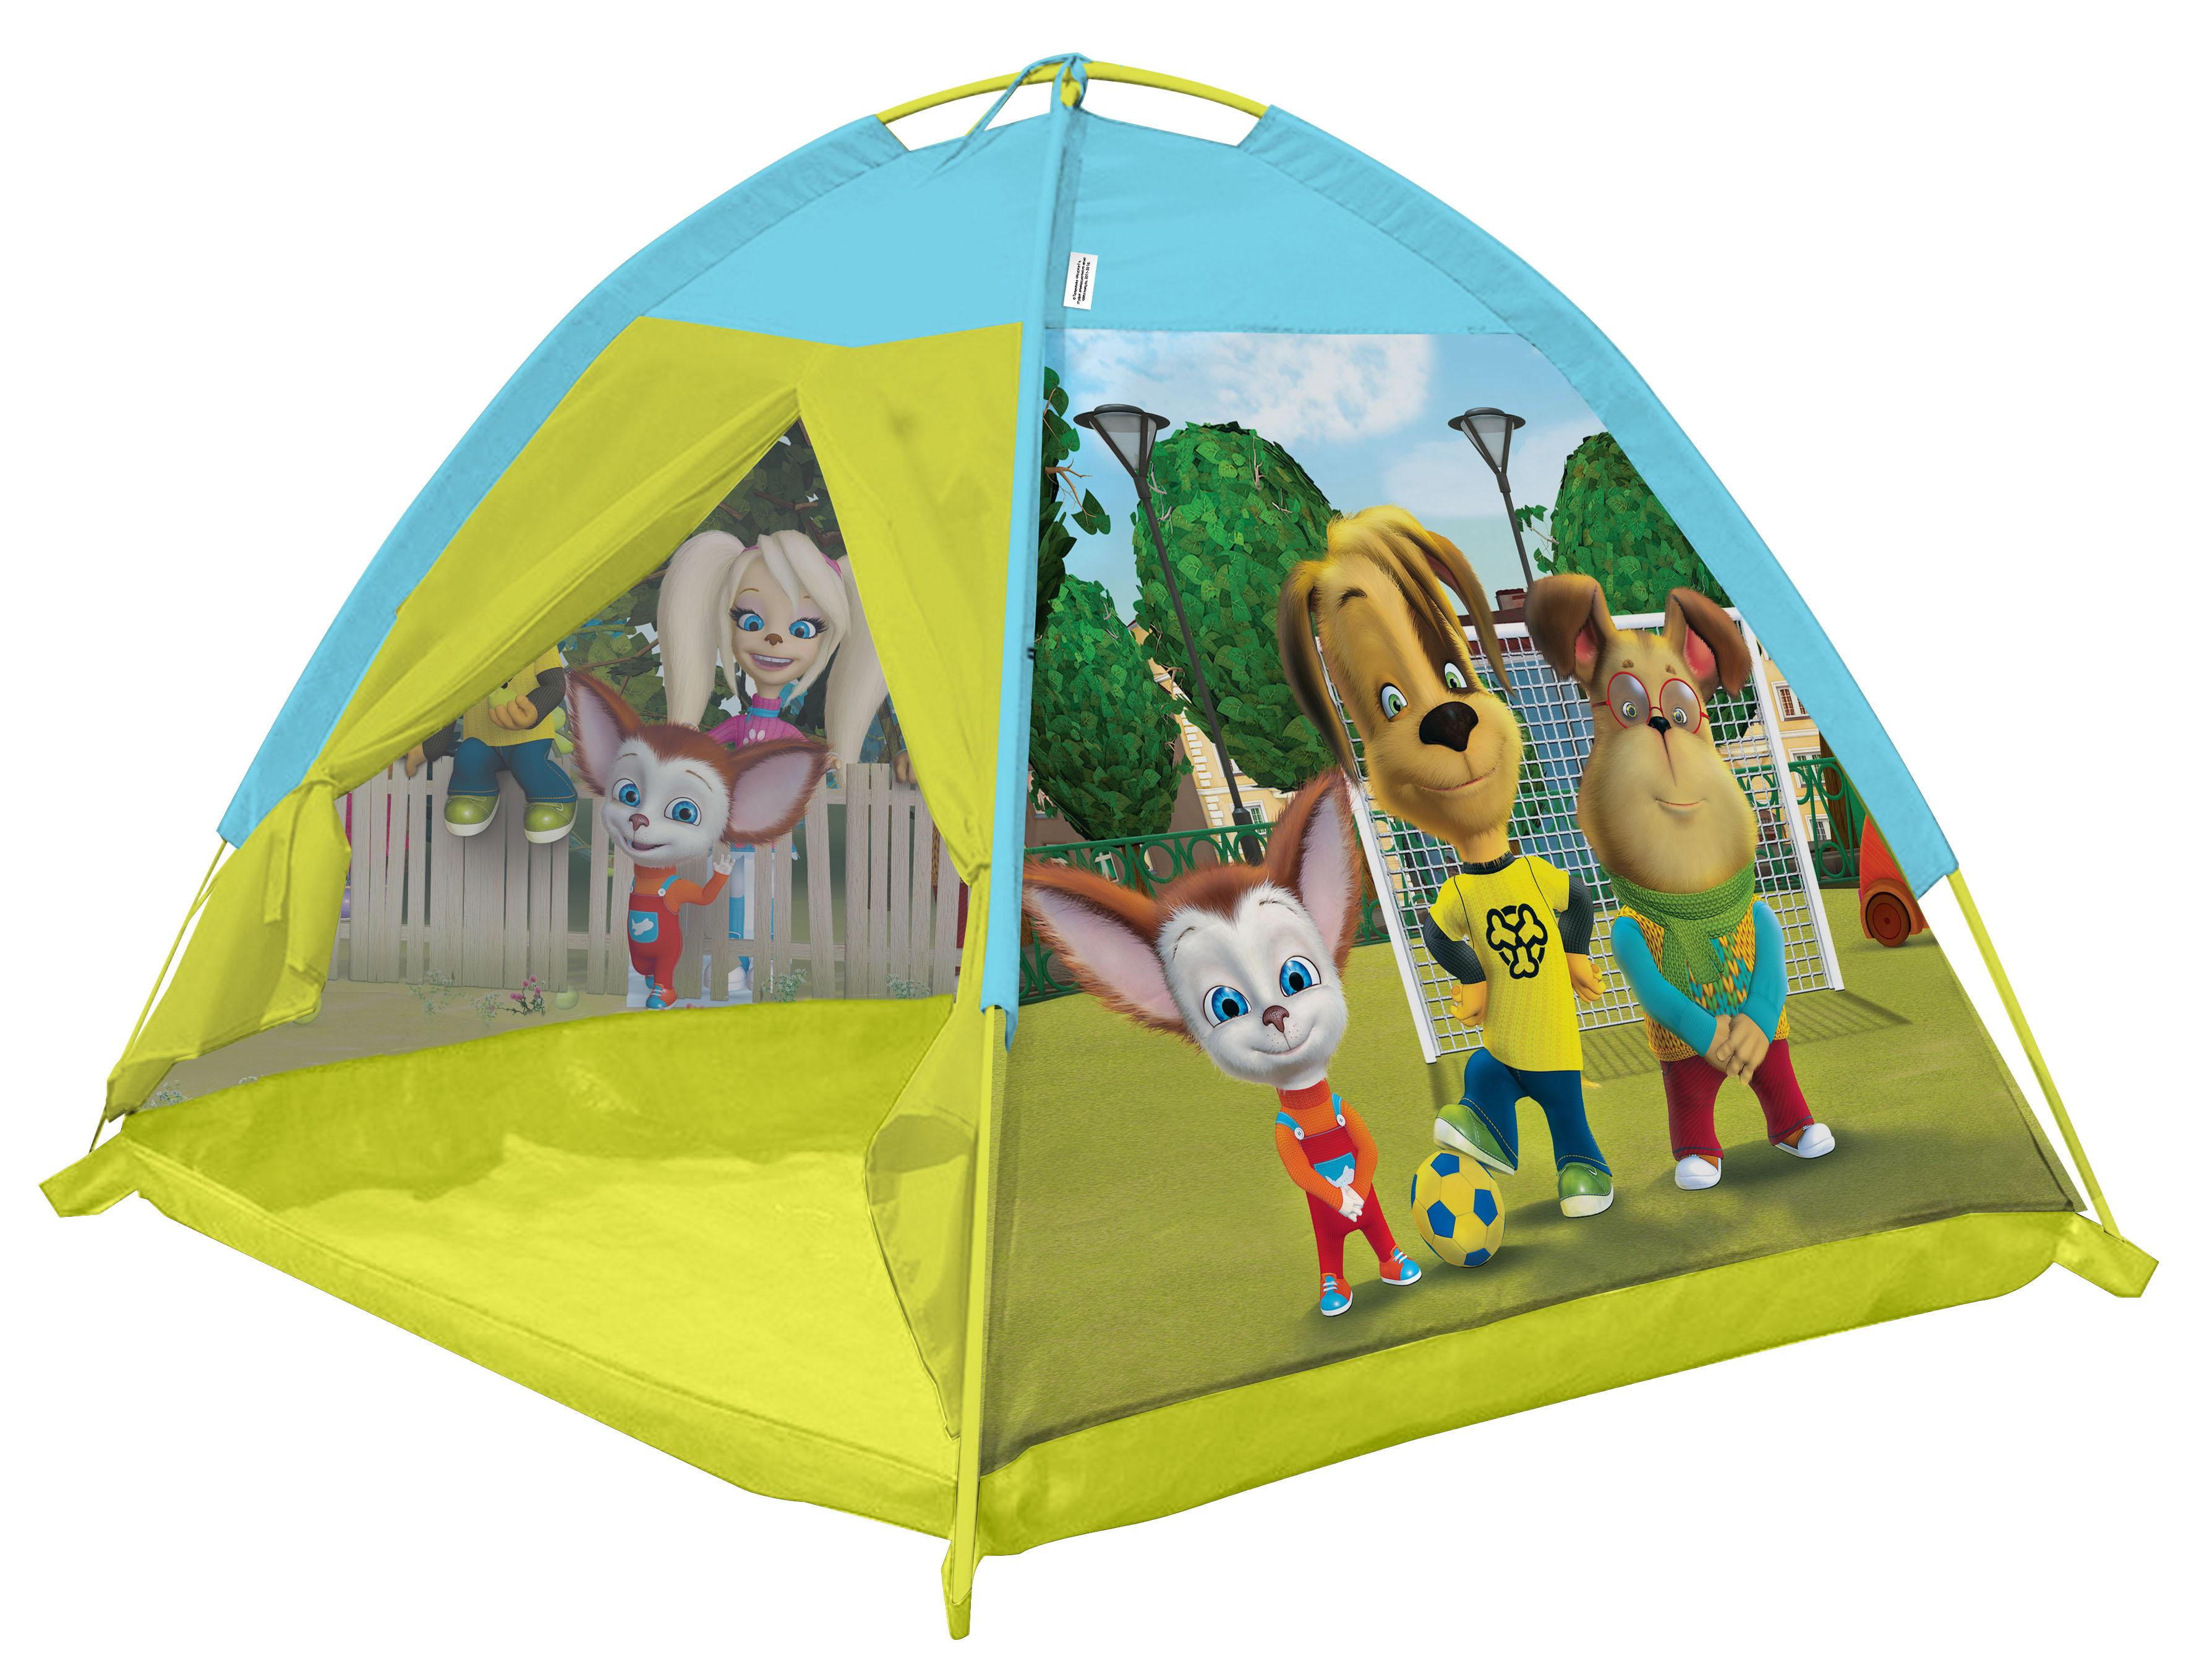 Игровые палатки ЯиГрушка Палатка игровая ЯиГрушка «Барбоскины» 112х112х84 см игровые палатки миньоны палатка игровая minions миньоны